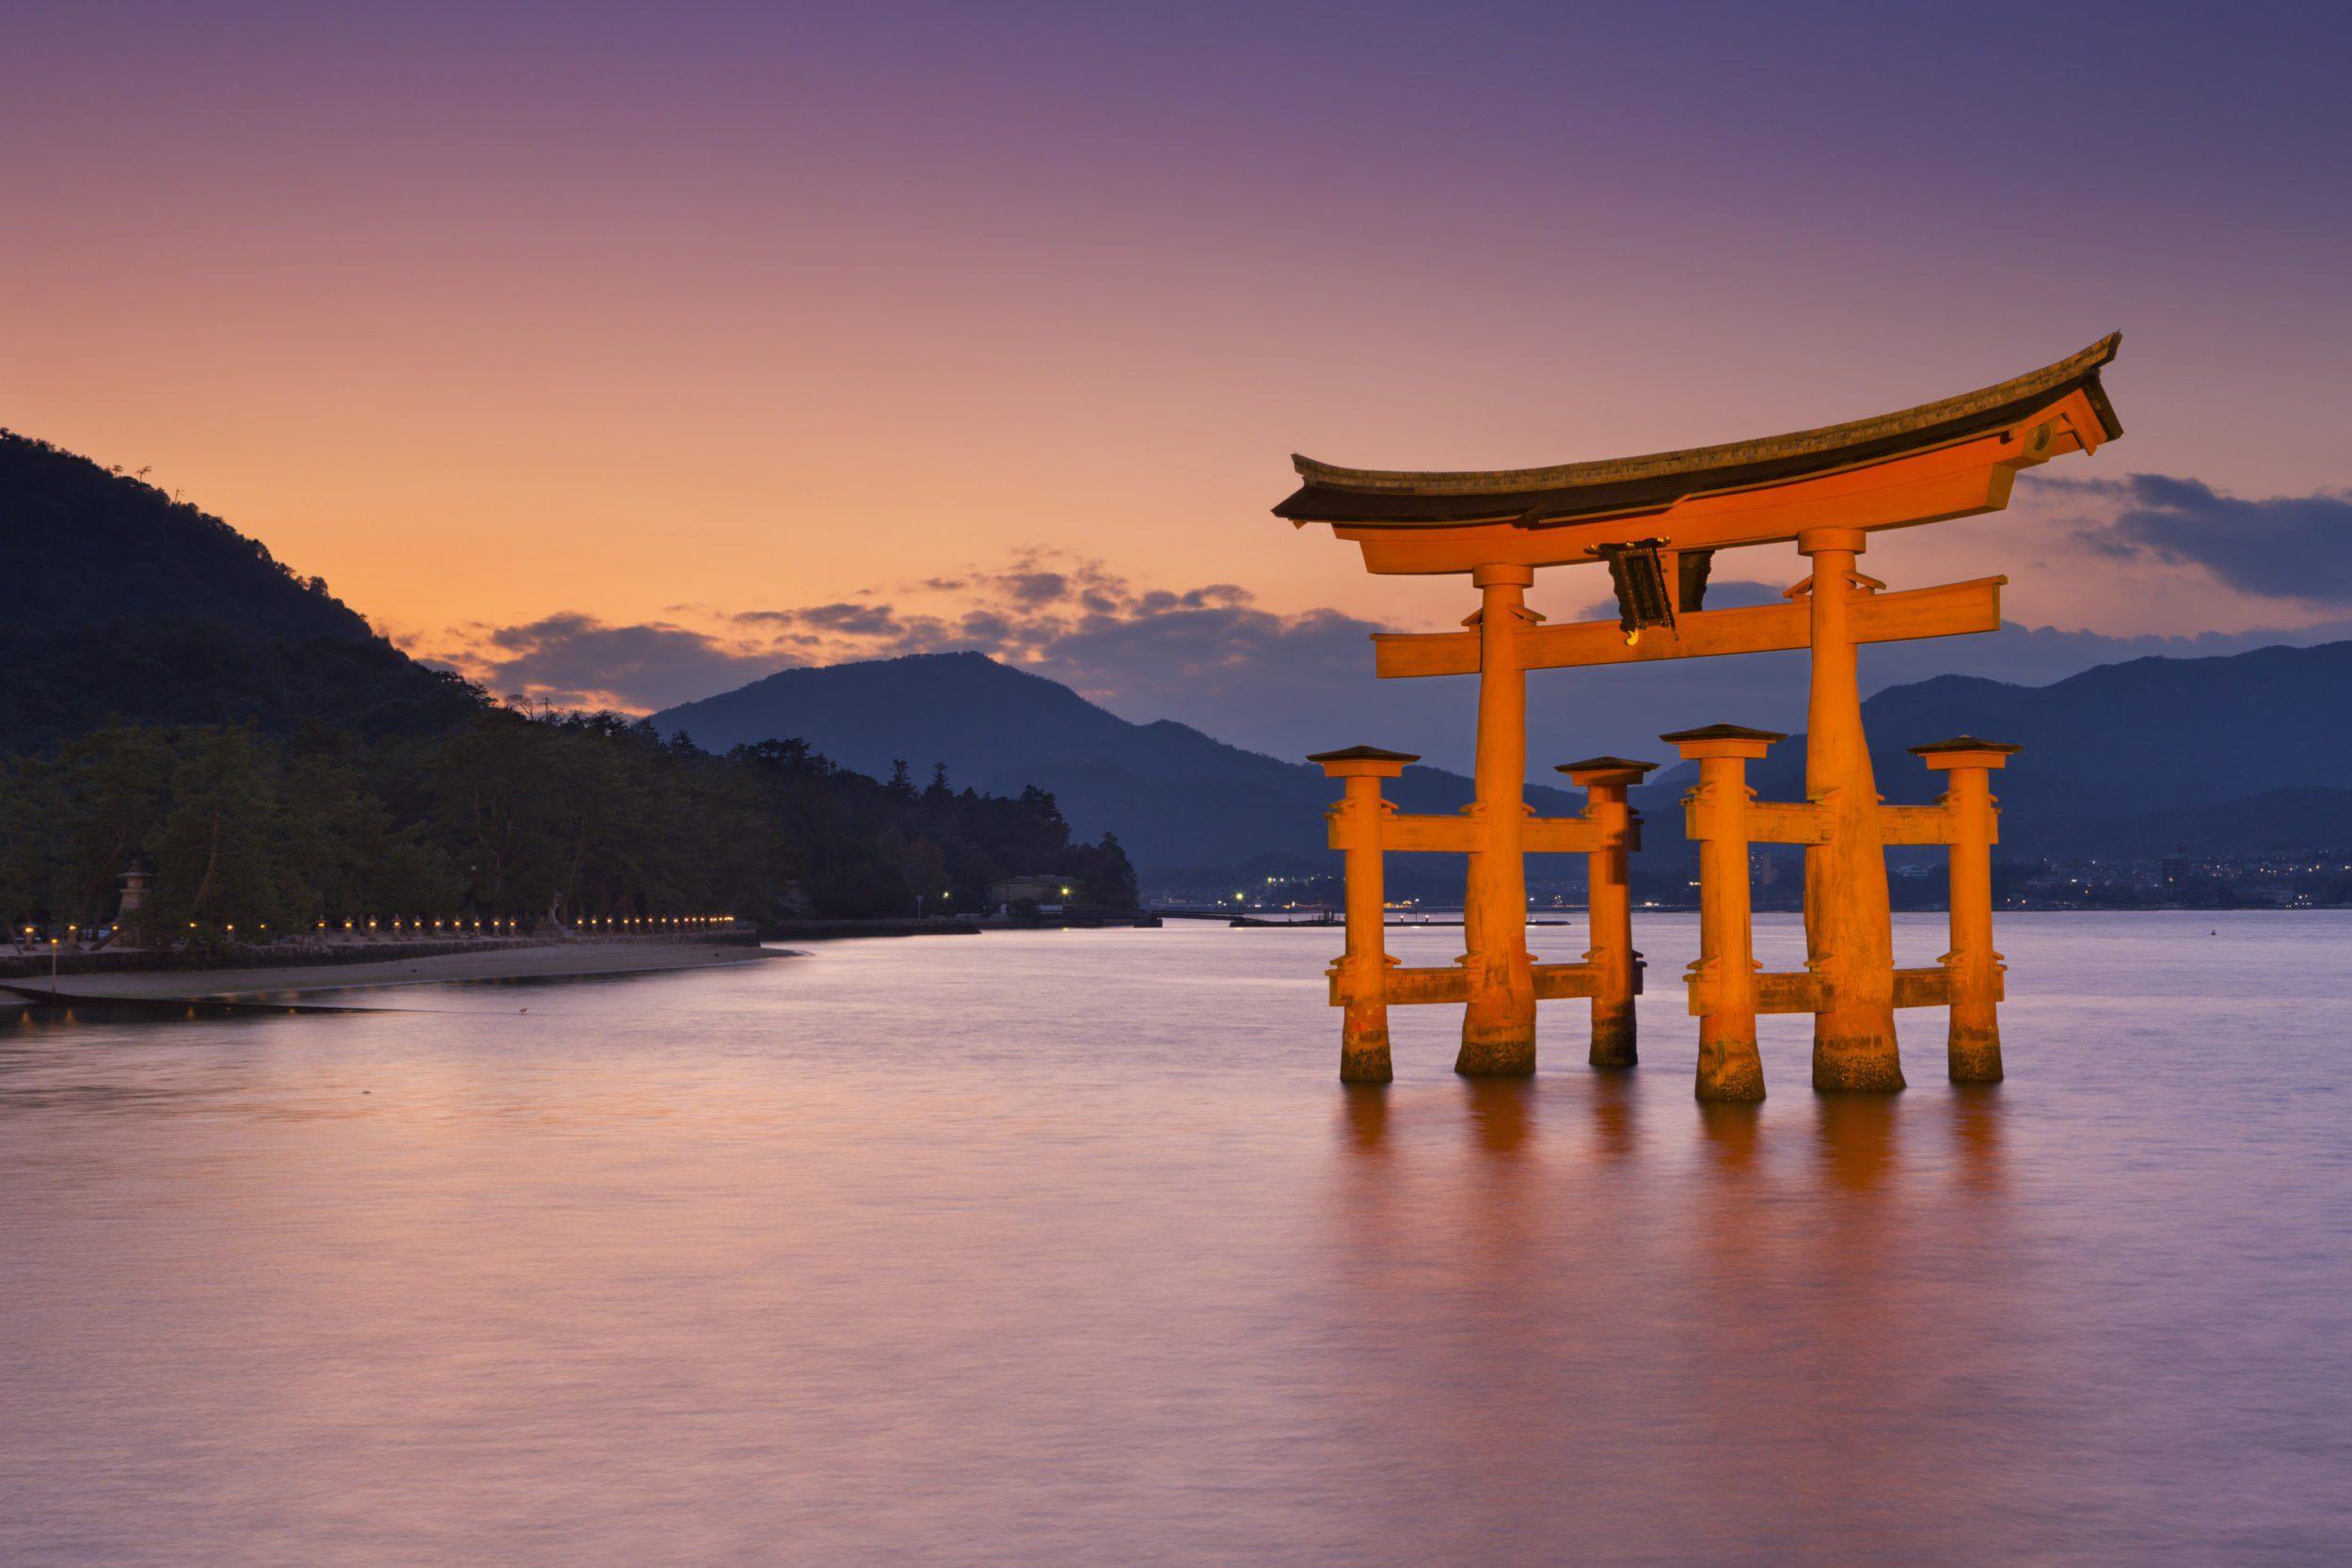 Torii Gate on Miyajima Island near Hiroshima, Japan